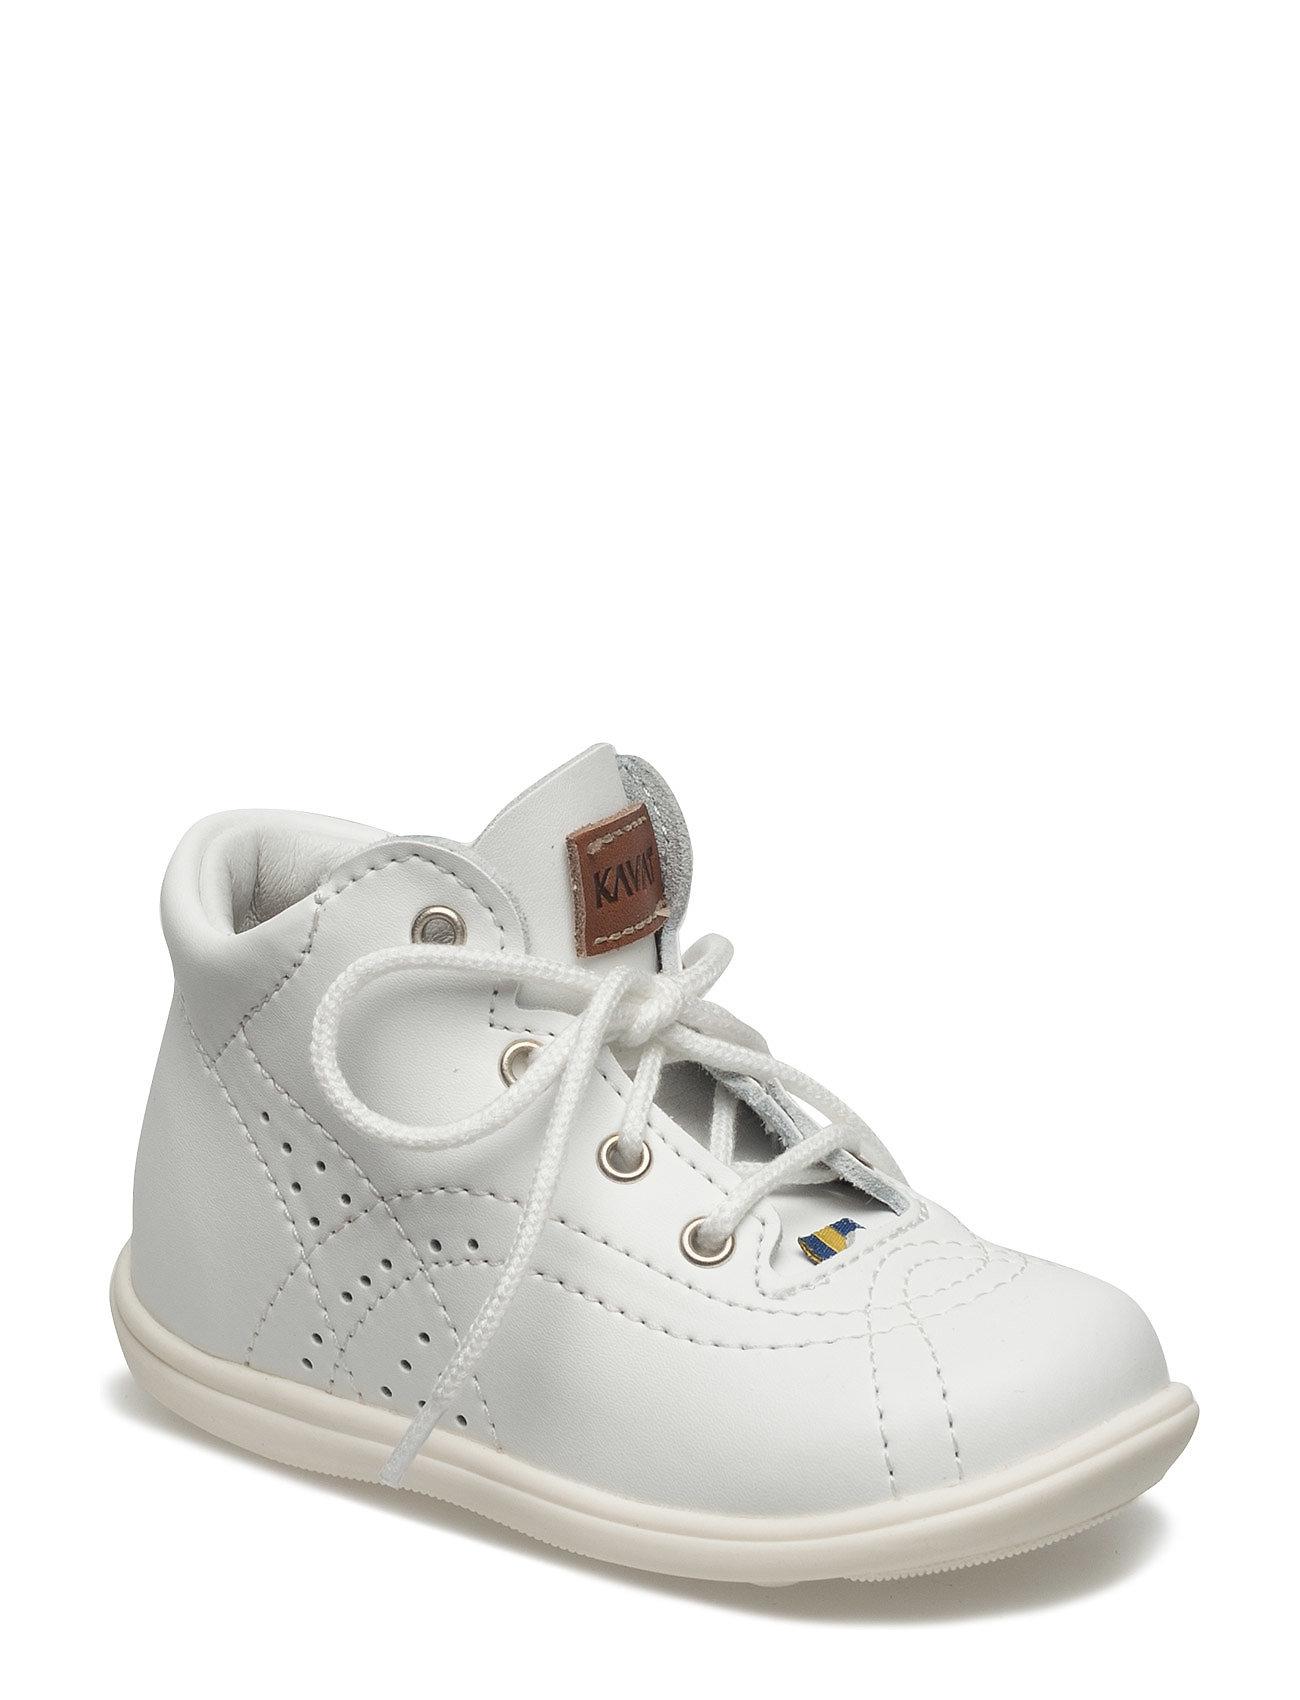 Edsbro Xc Shoe Kavat Sko & Sneakers til Børn i hvid